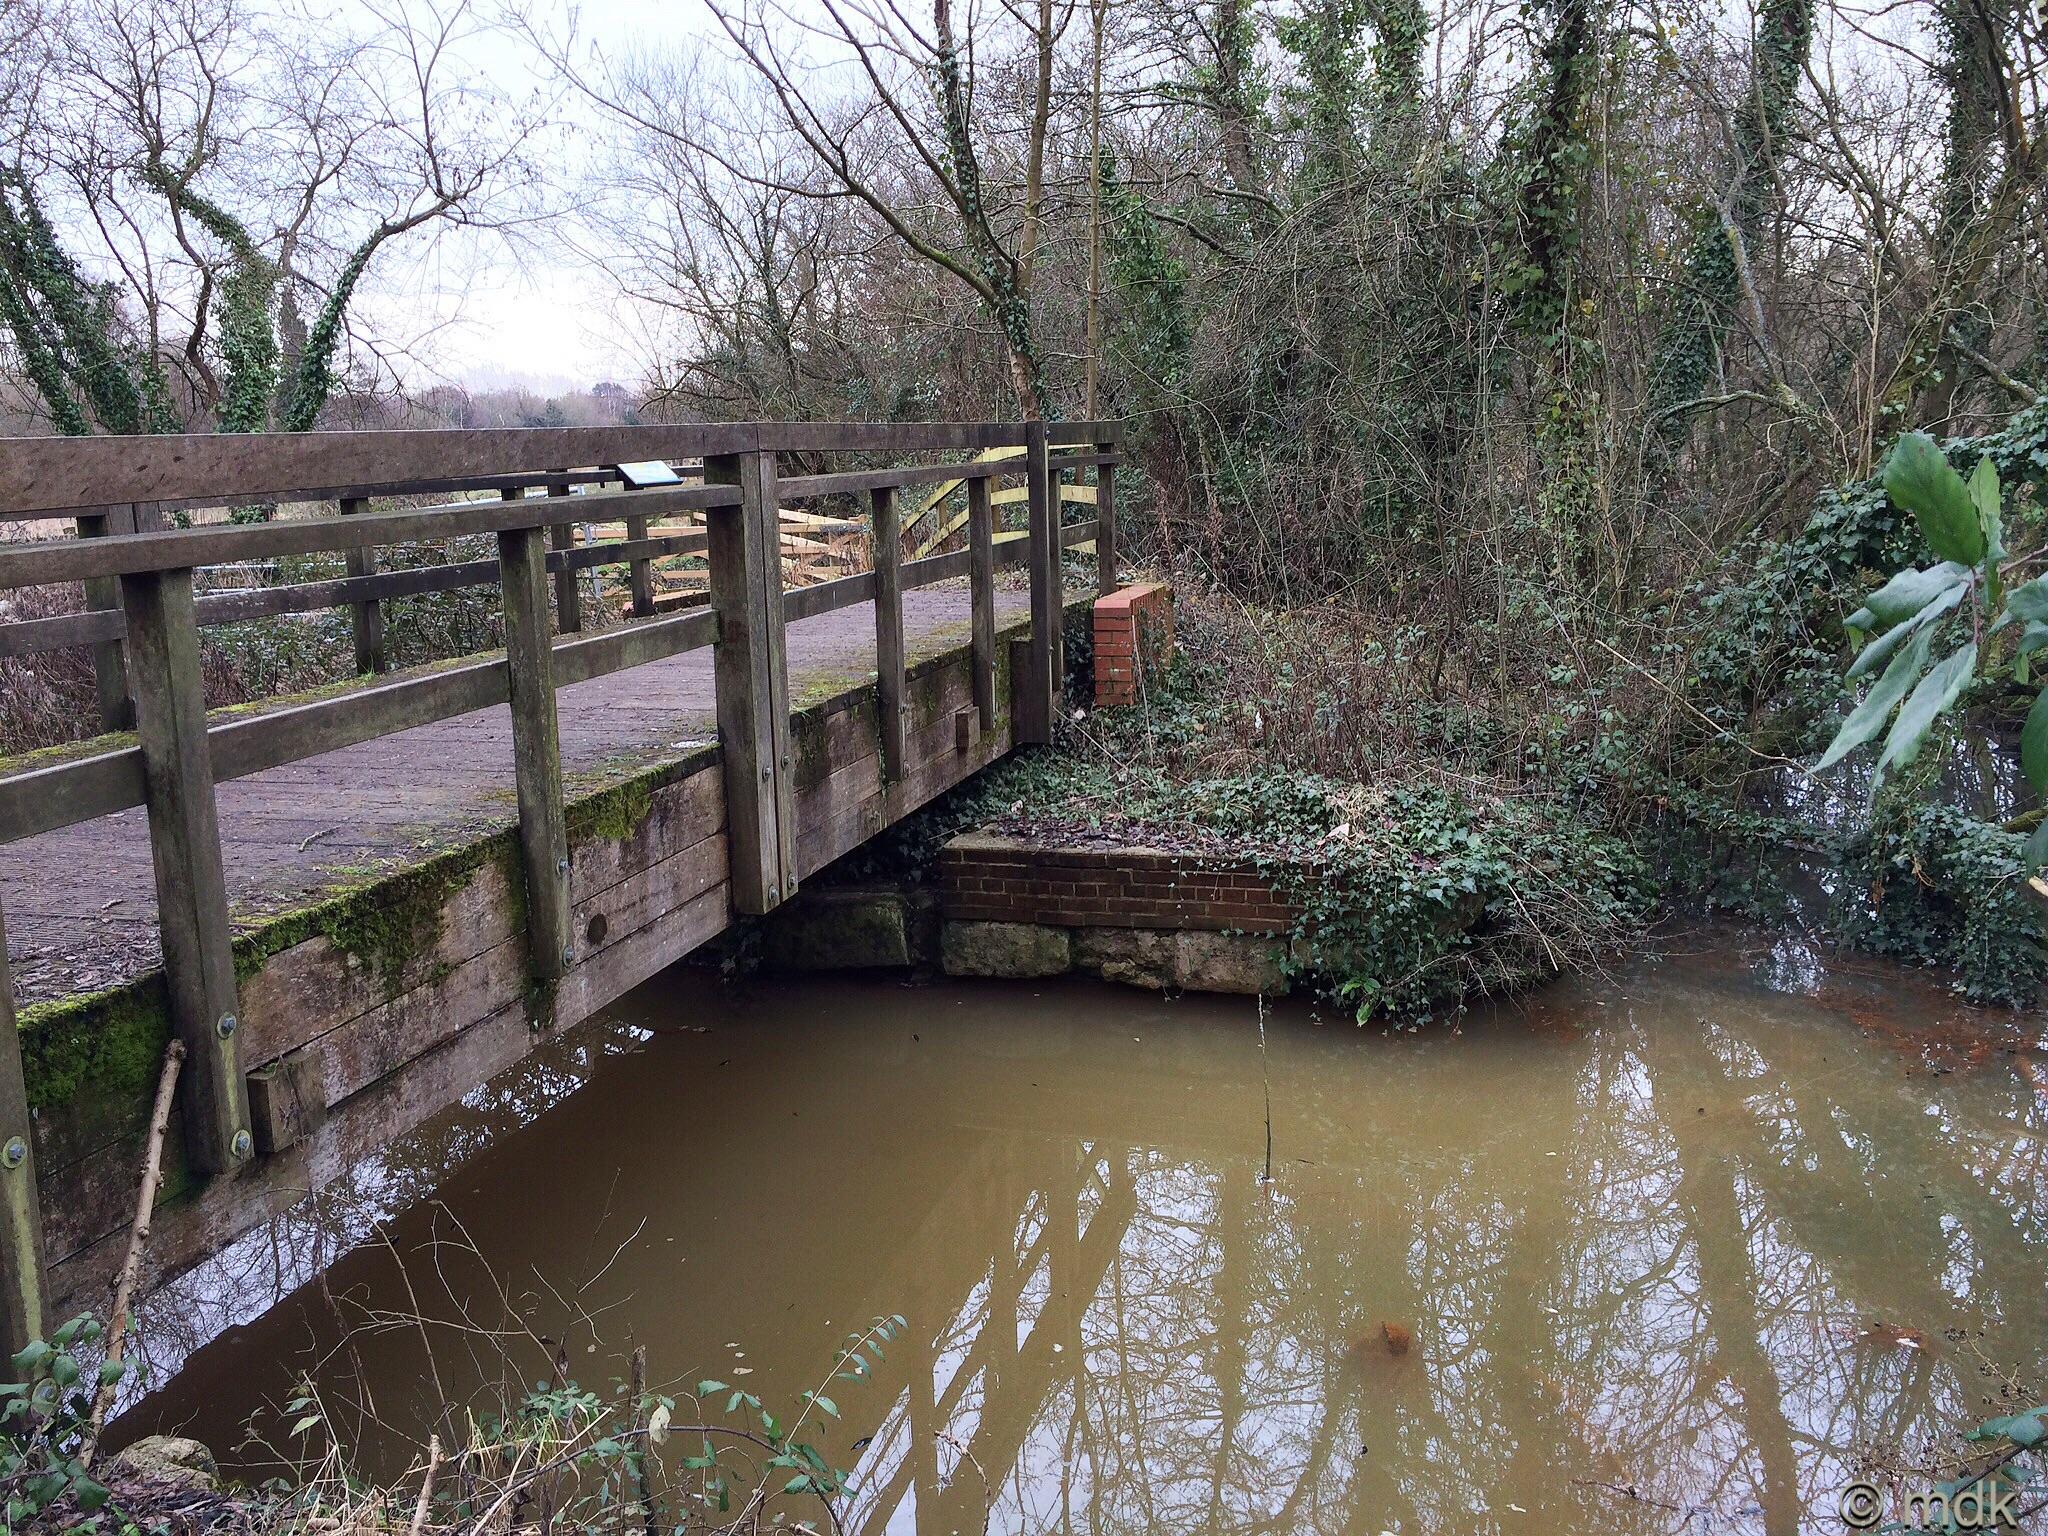 The tail og Mansbridge Lock